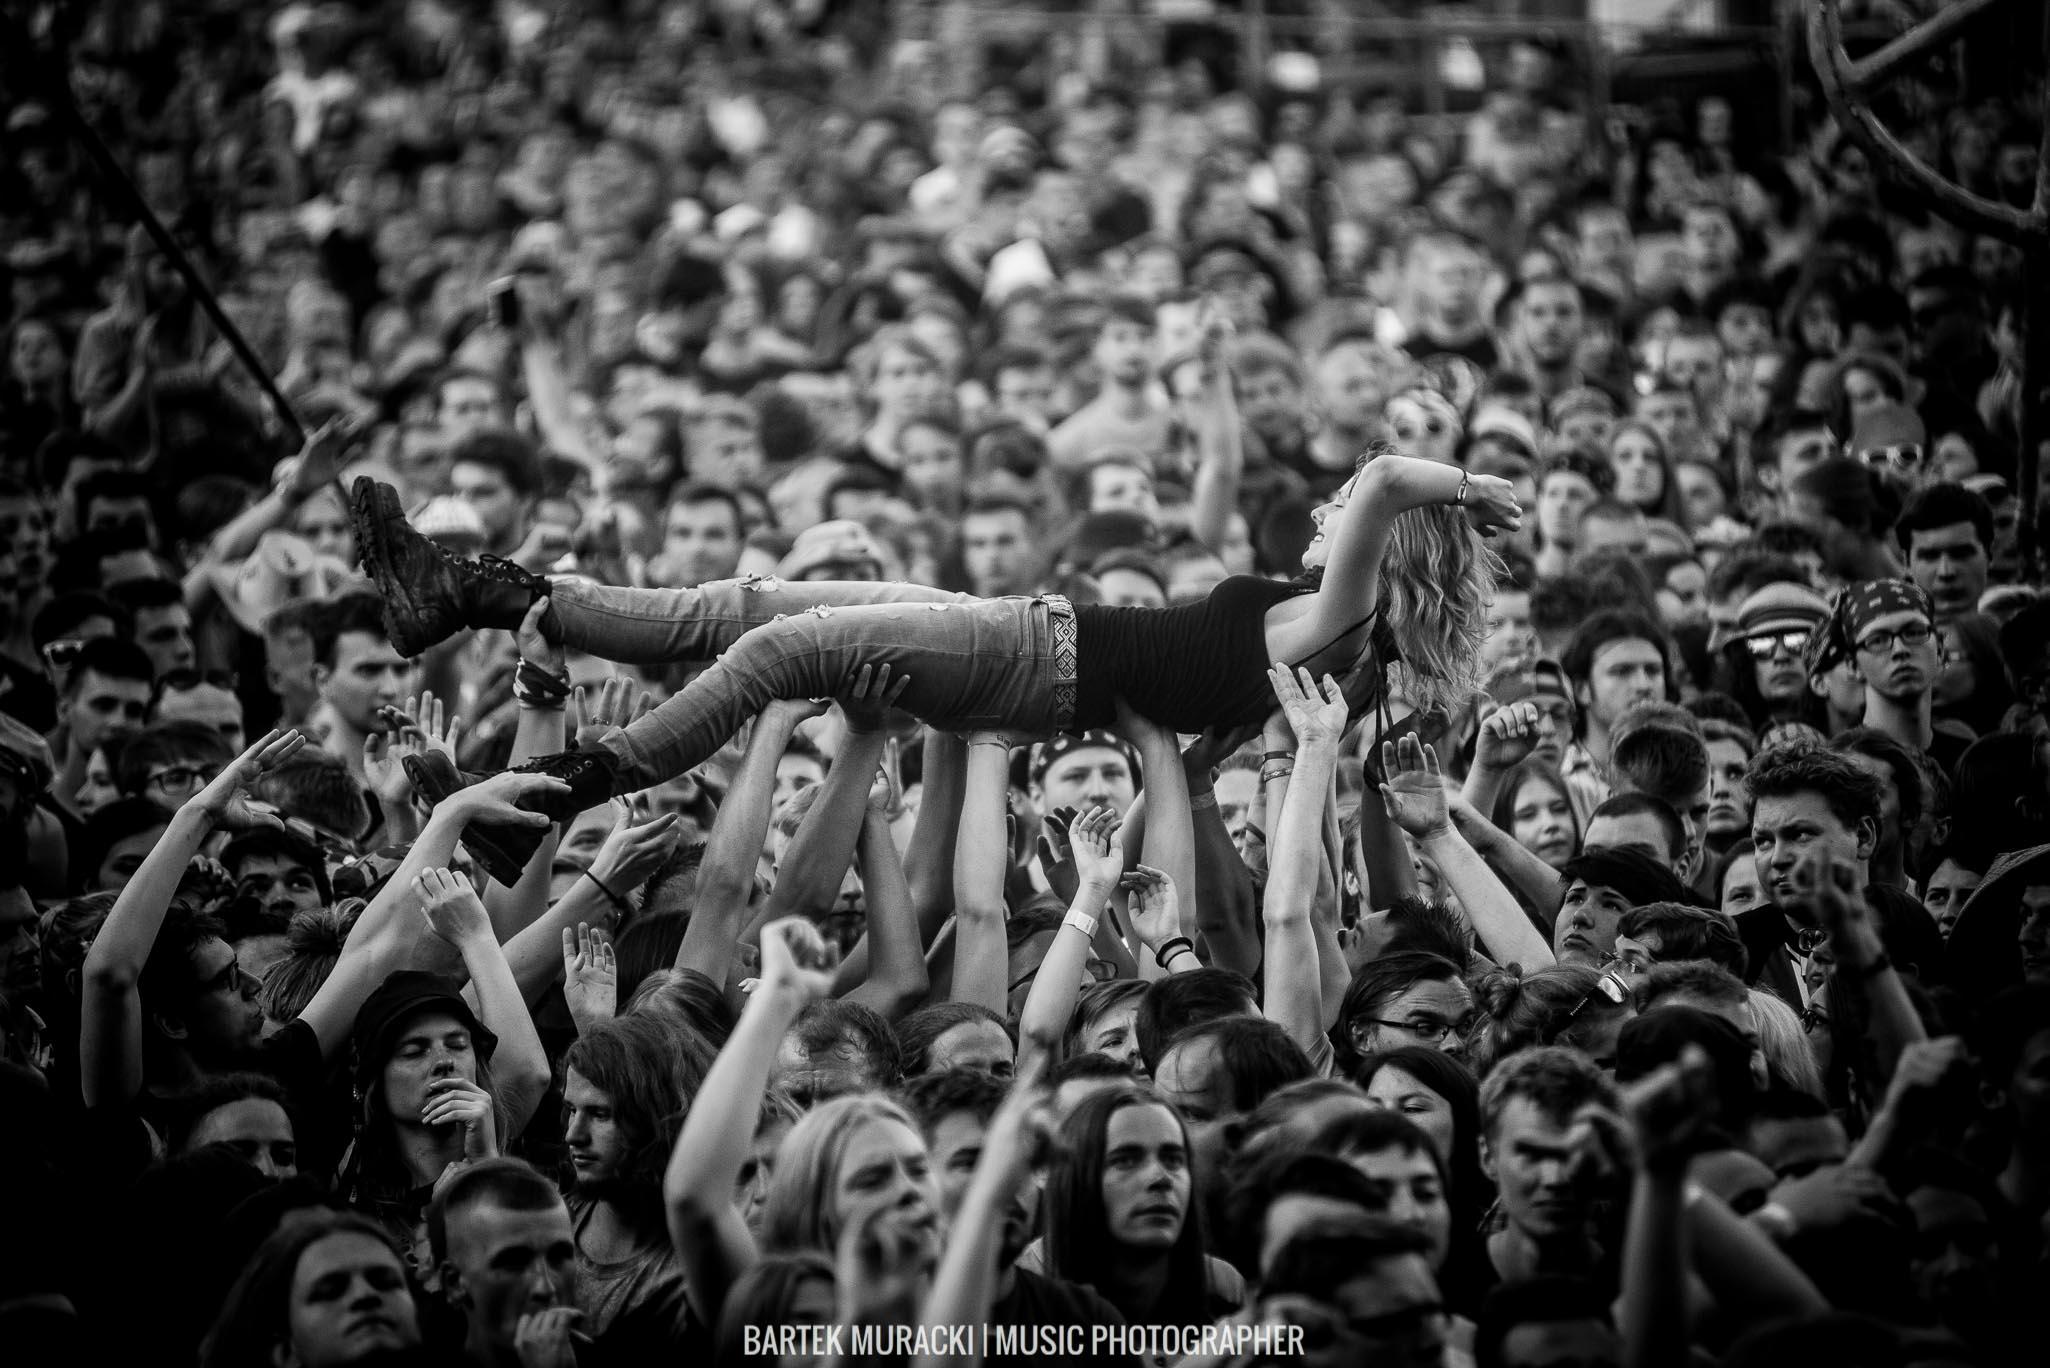 Przystanek-Woodstock-2016-WB-foto-Bartek-Muracki--377228